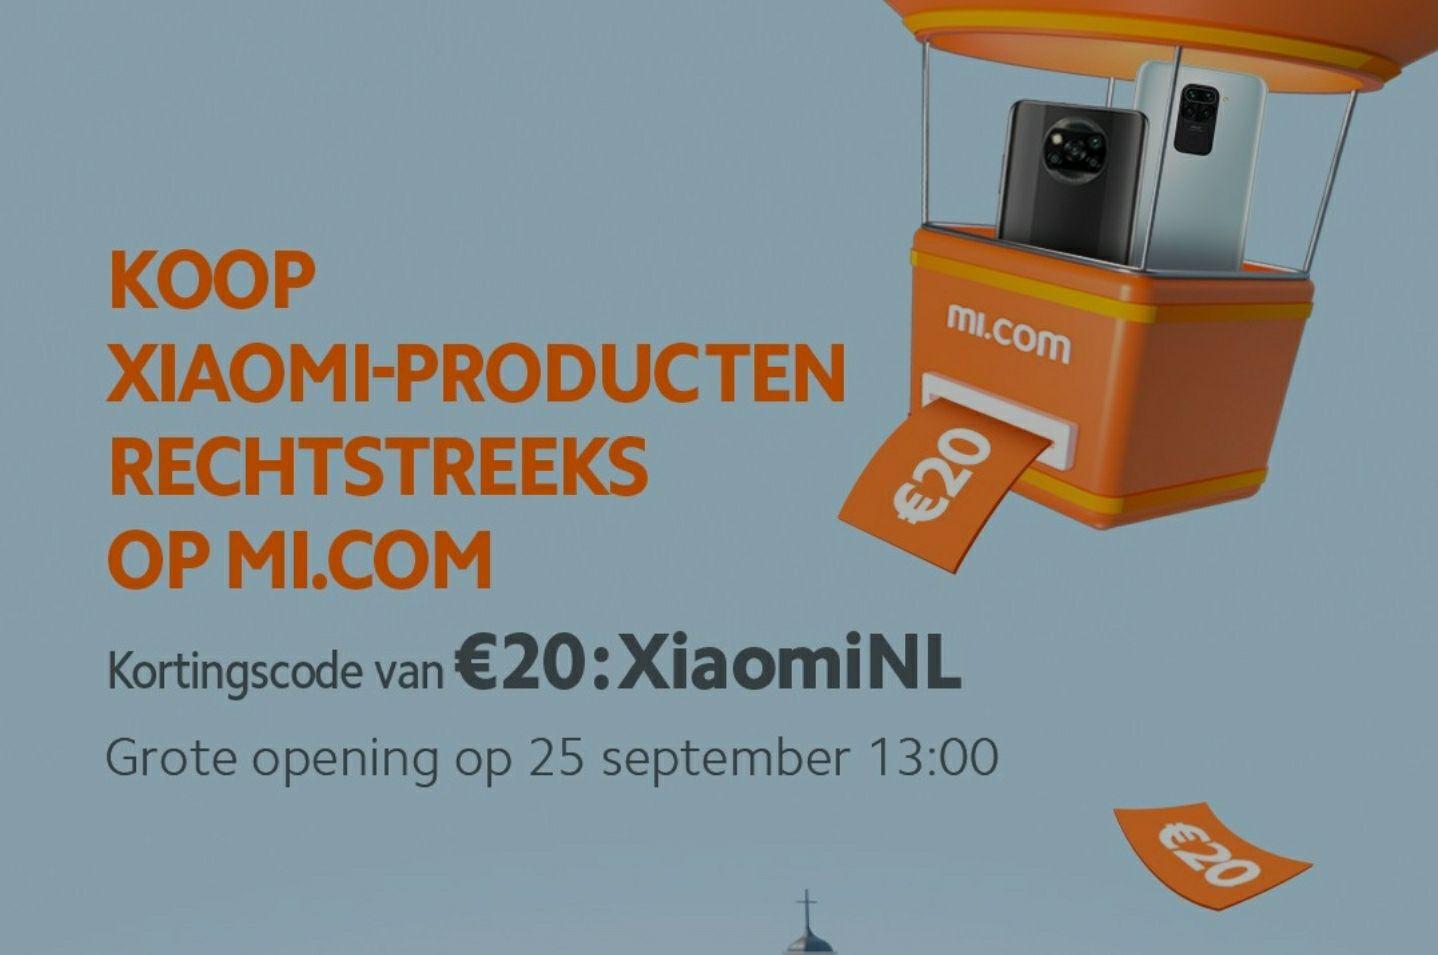 €20 korting bij opening officiële Xiaomi website in NL (Geldig op aankopen vanaf €69)